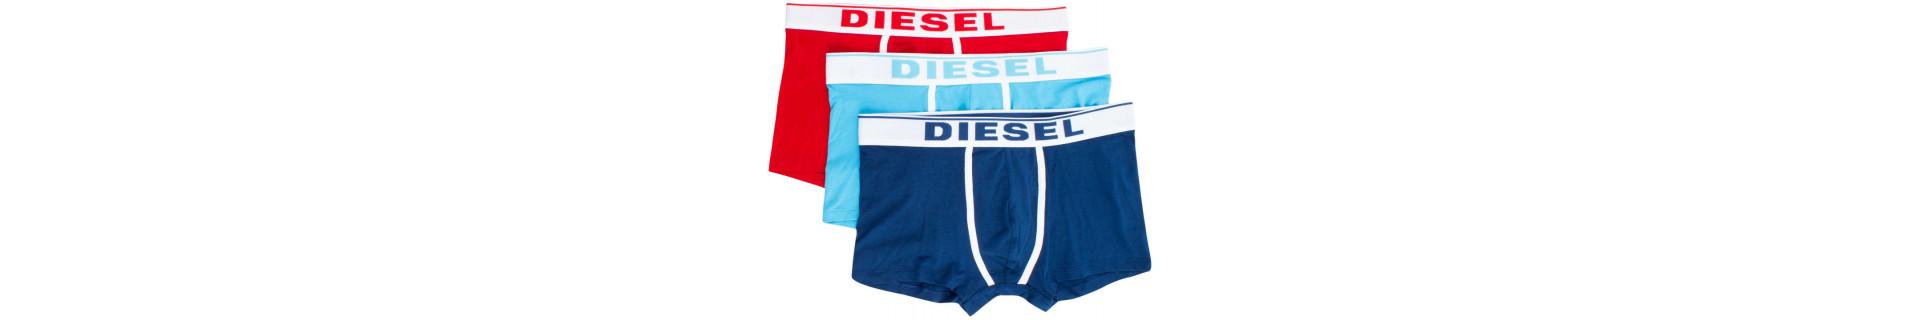 Calzonzillos para hombre Diesel, EA7